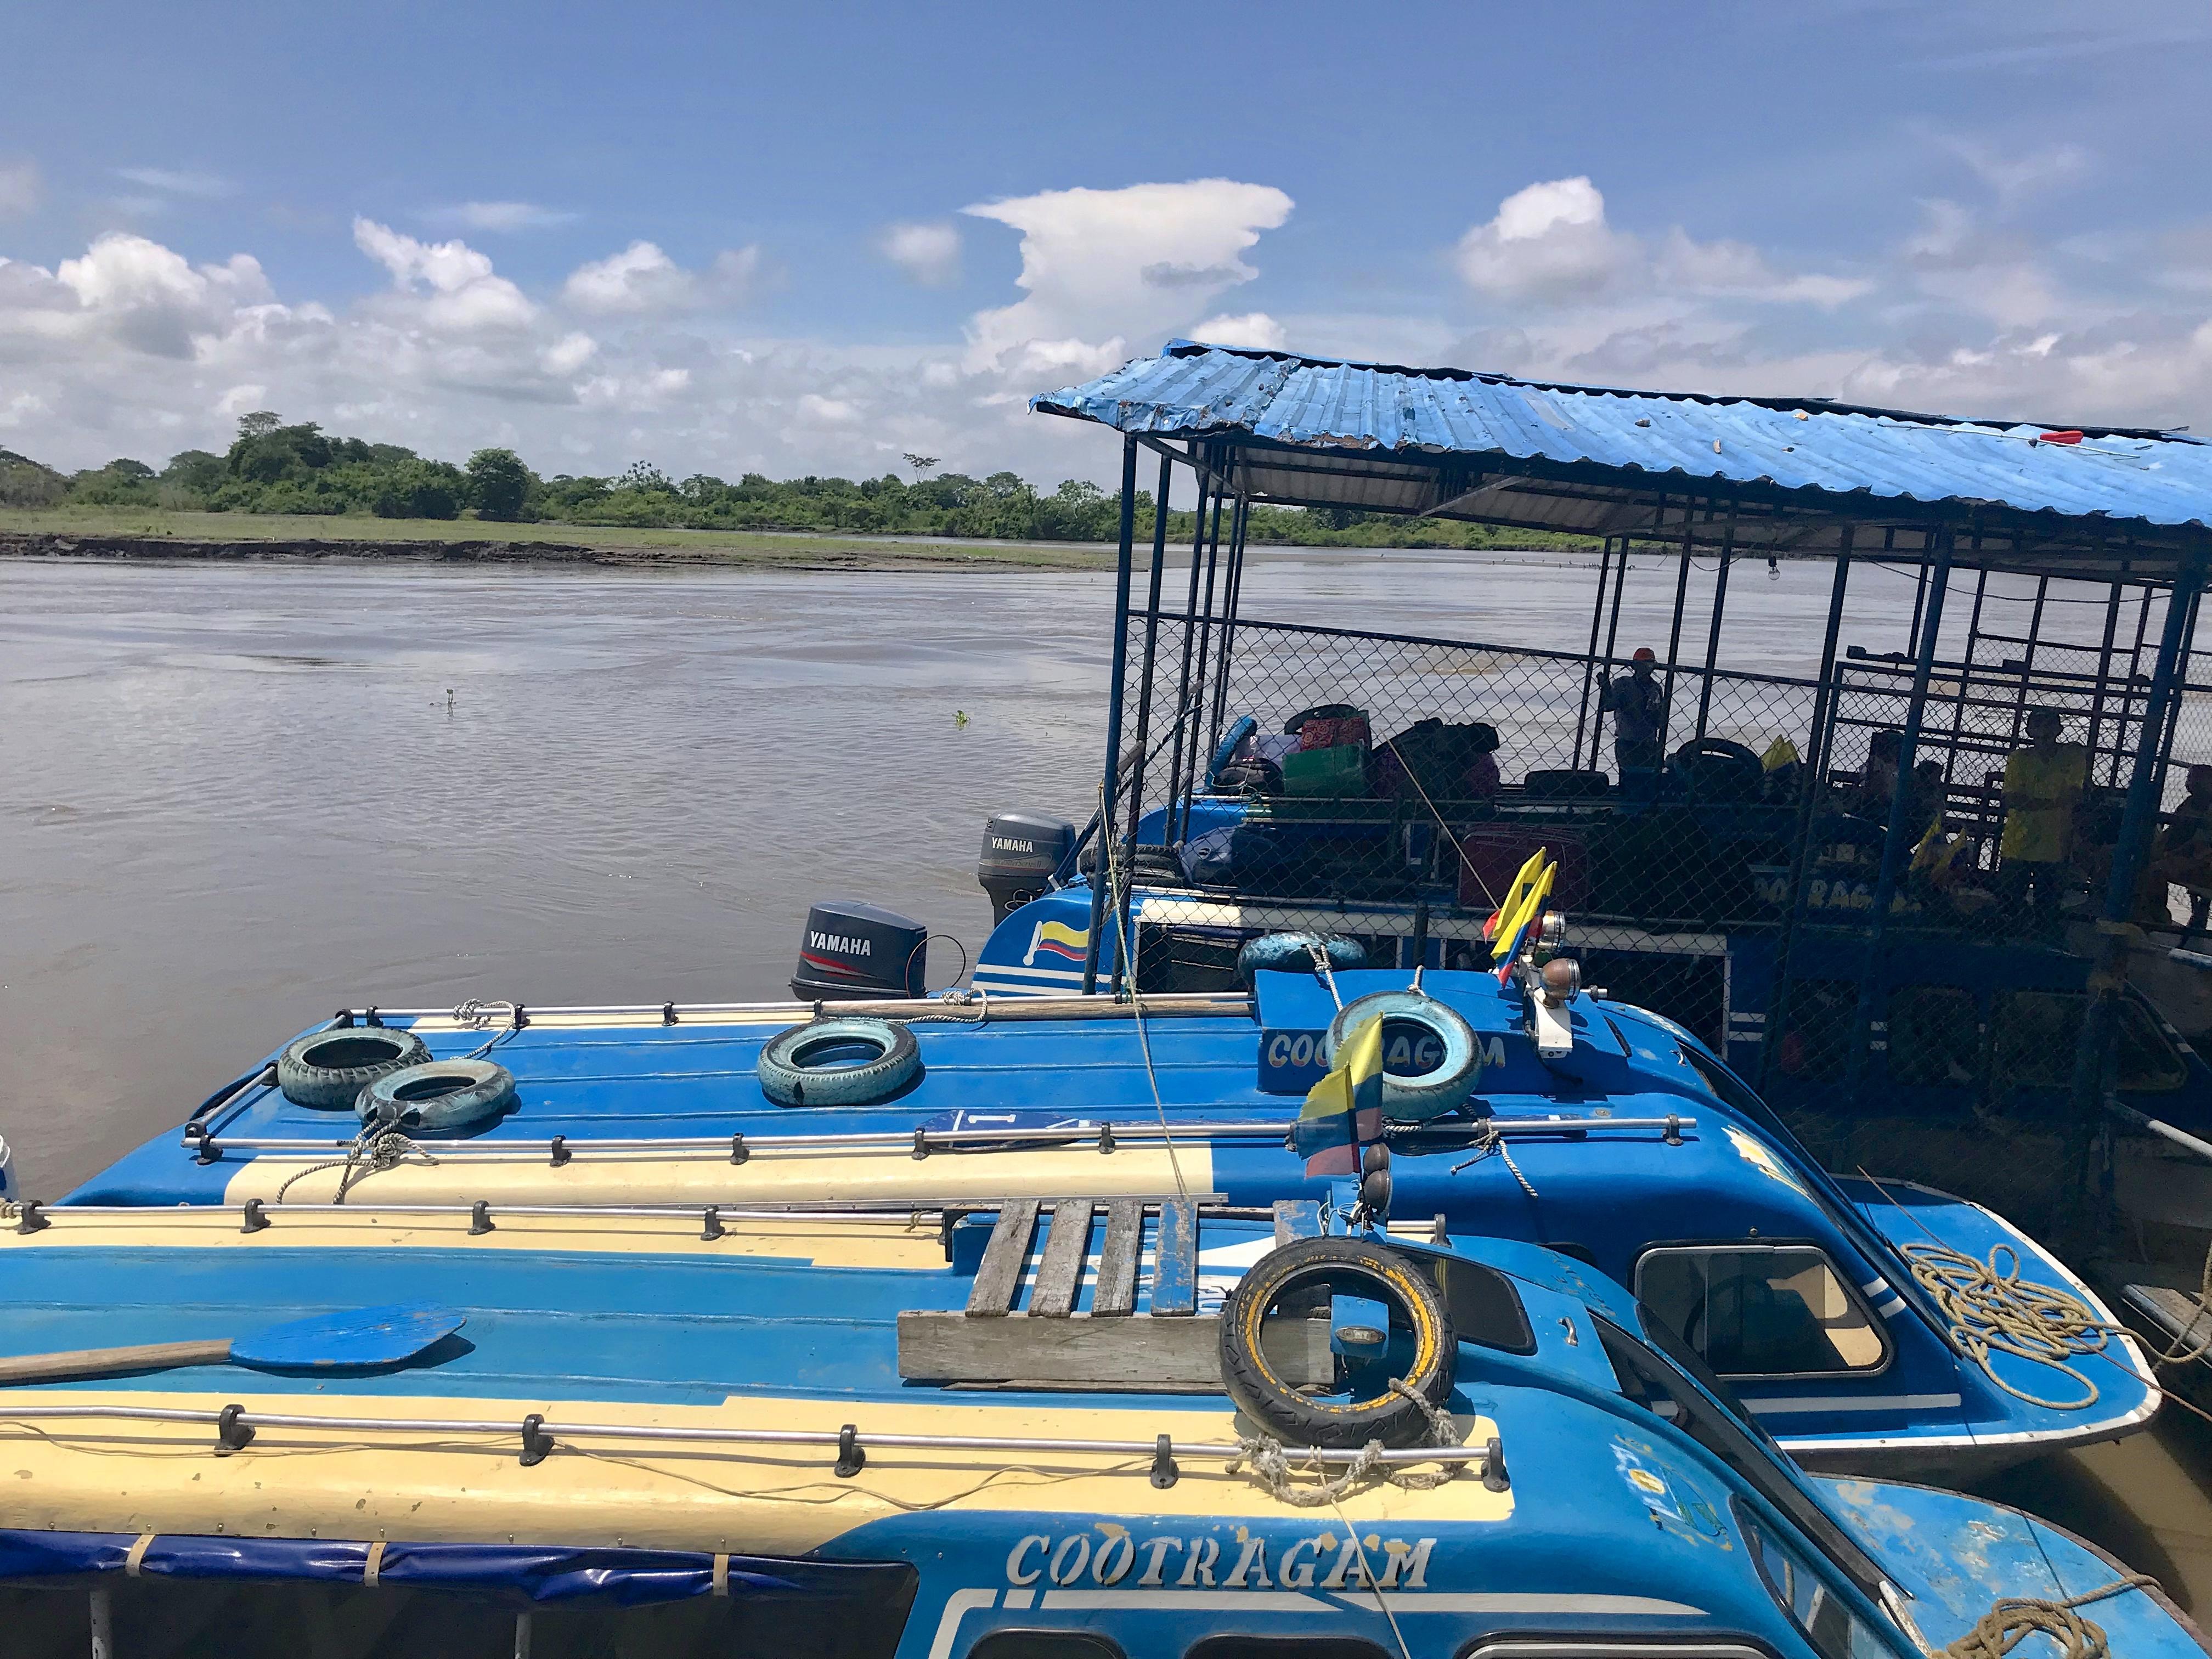 Rio Grande Magdelena